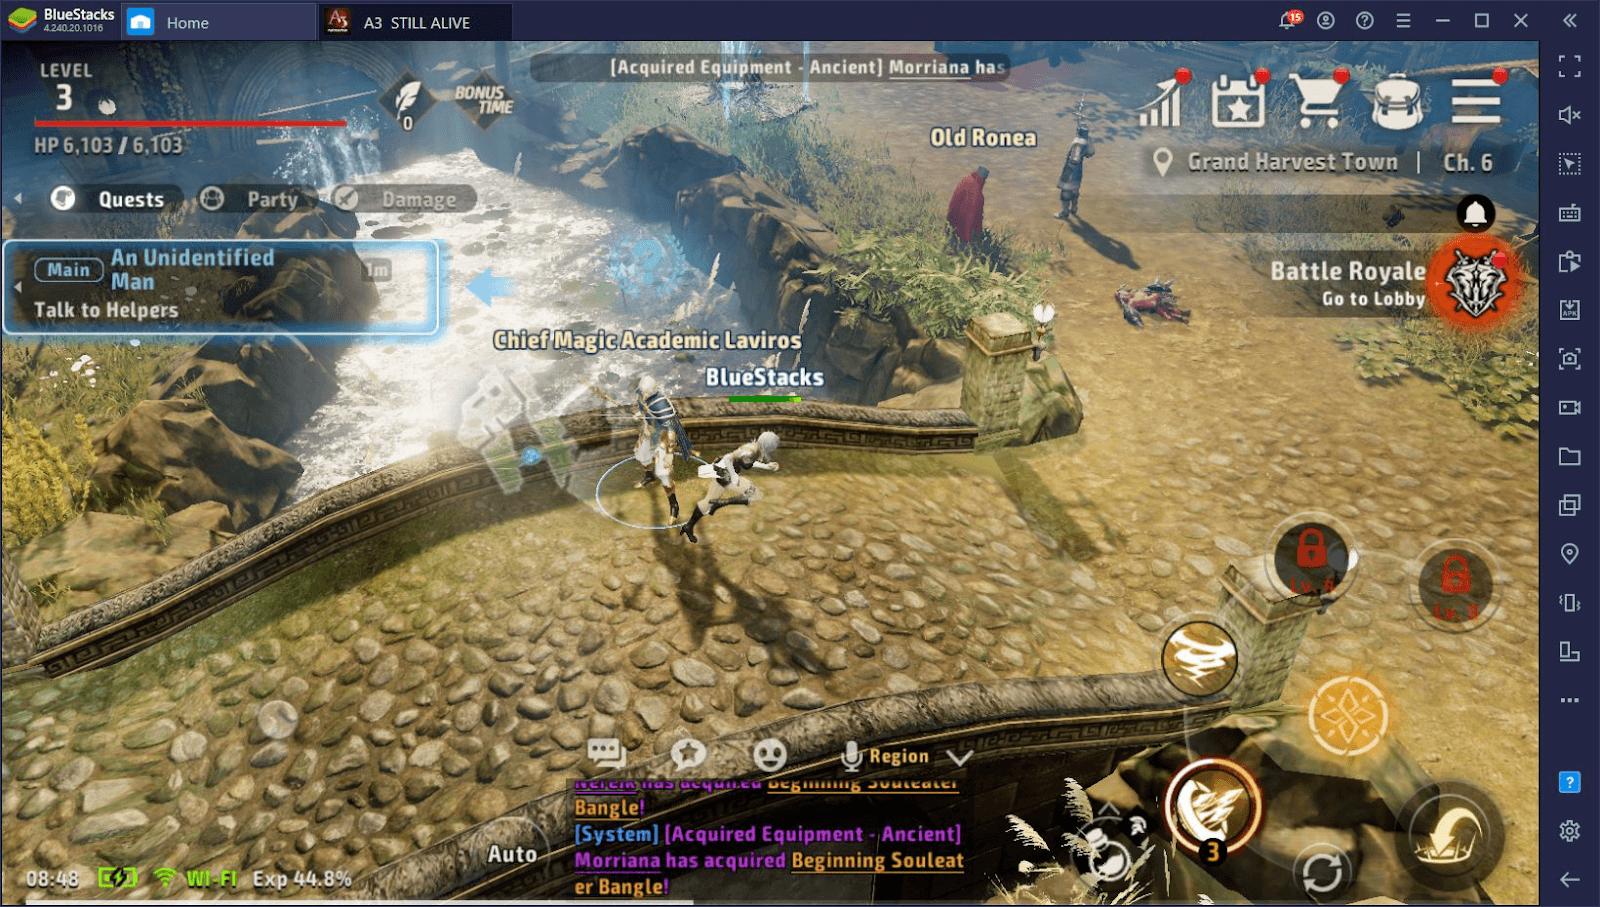 5 мобильных MMORPG с потрясающей графикой, которые можно запустить на ПК с помощью BlueStacks!